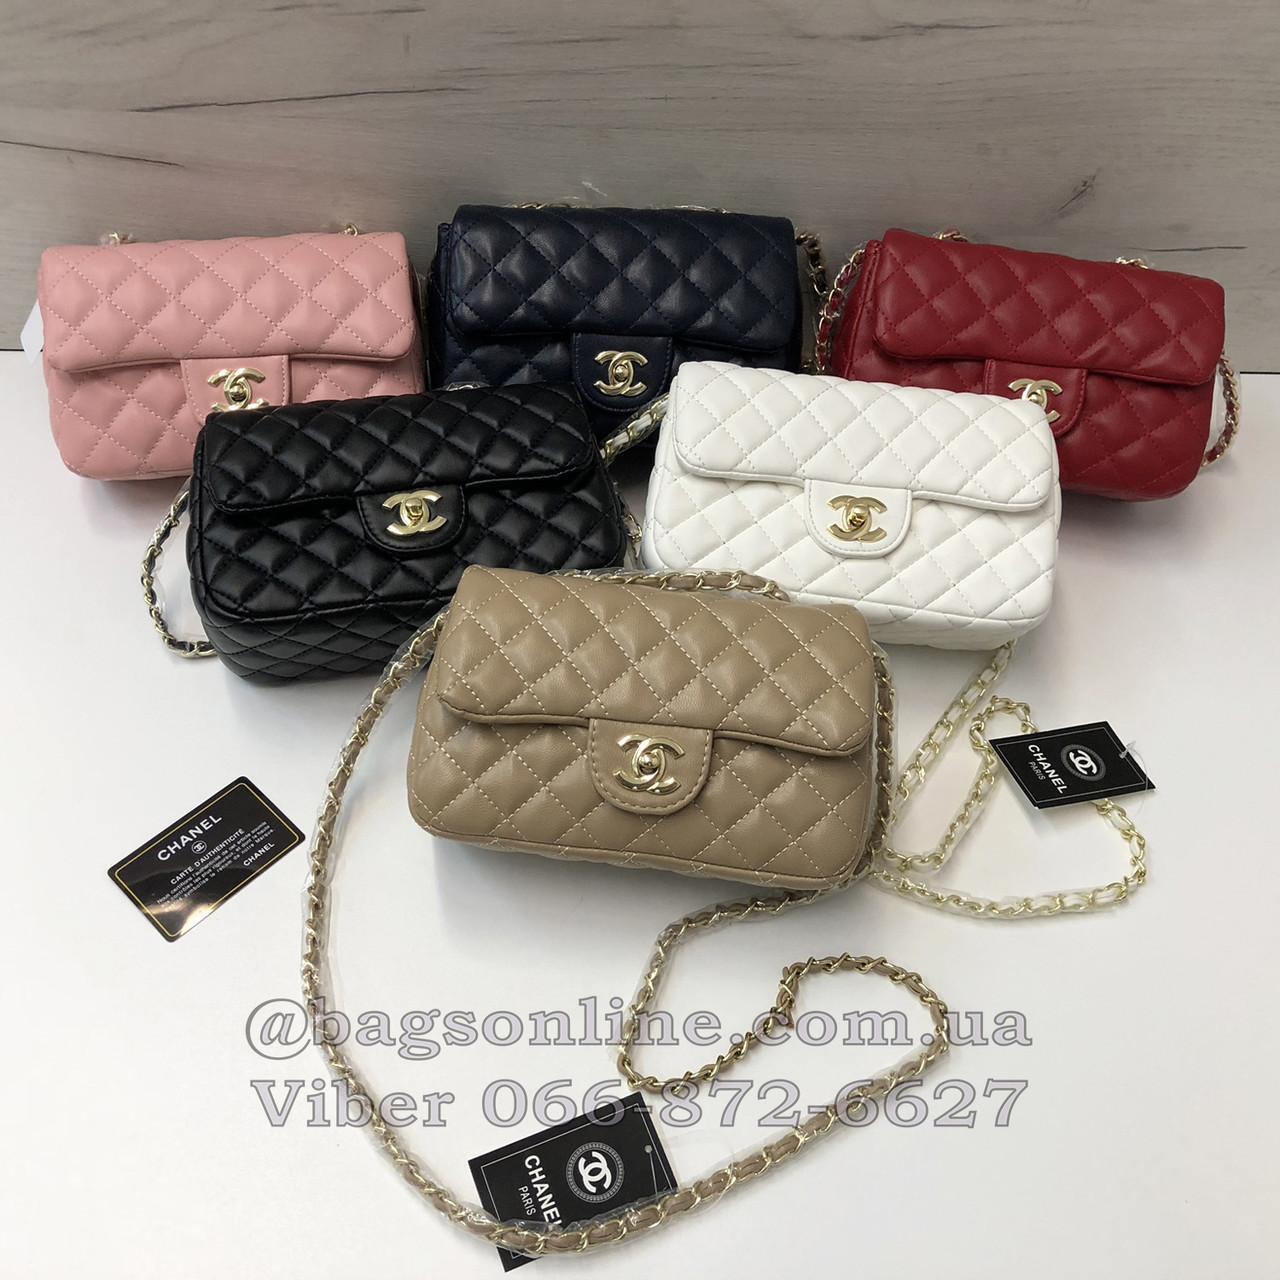 2dfb6fc81f08 КОПИЯ Сумка реплика Chanel | клатч копия шанель через плечо - BagsOnline -  твоя идеальная сумочка